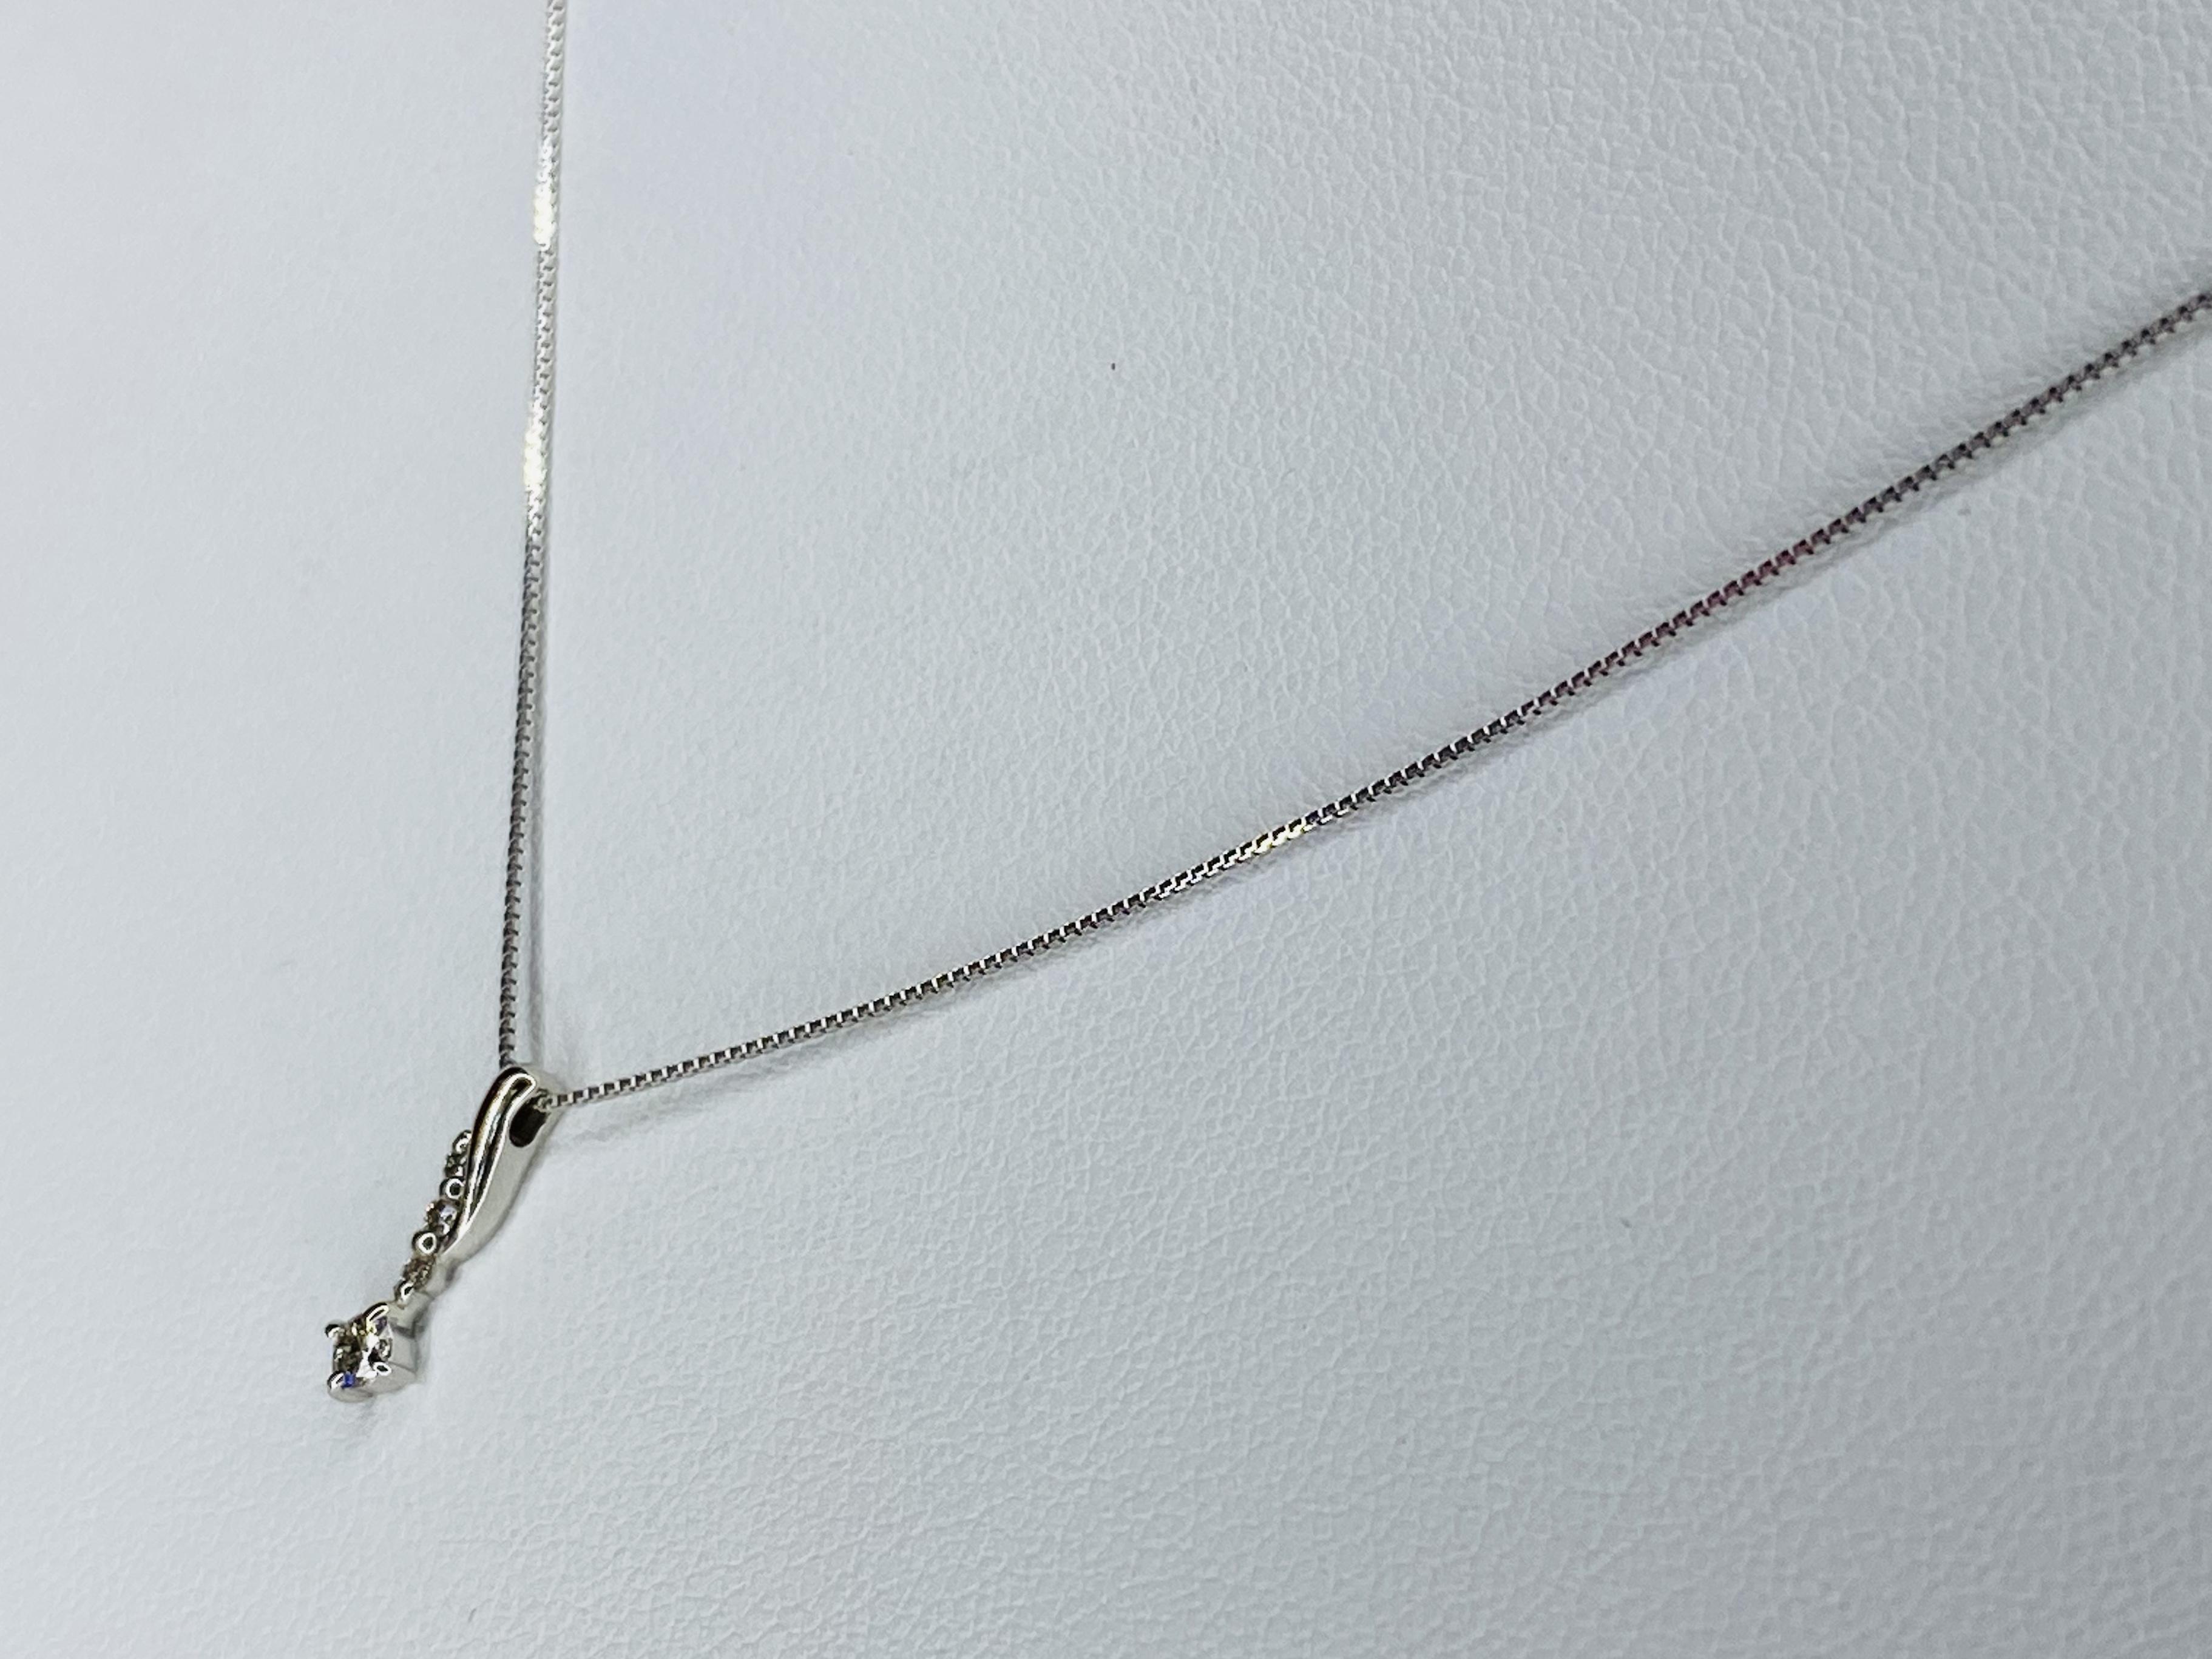 PT900/850 0.08ctダイヤモンドネックレス ○